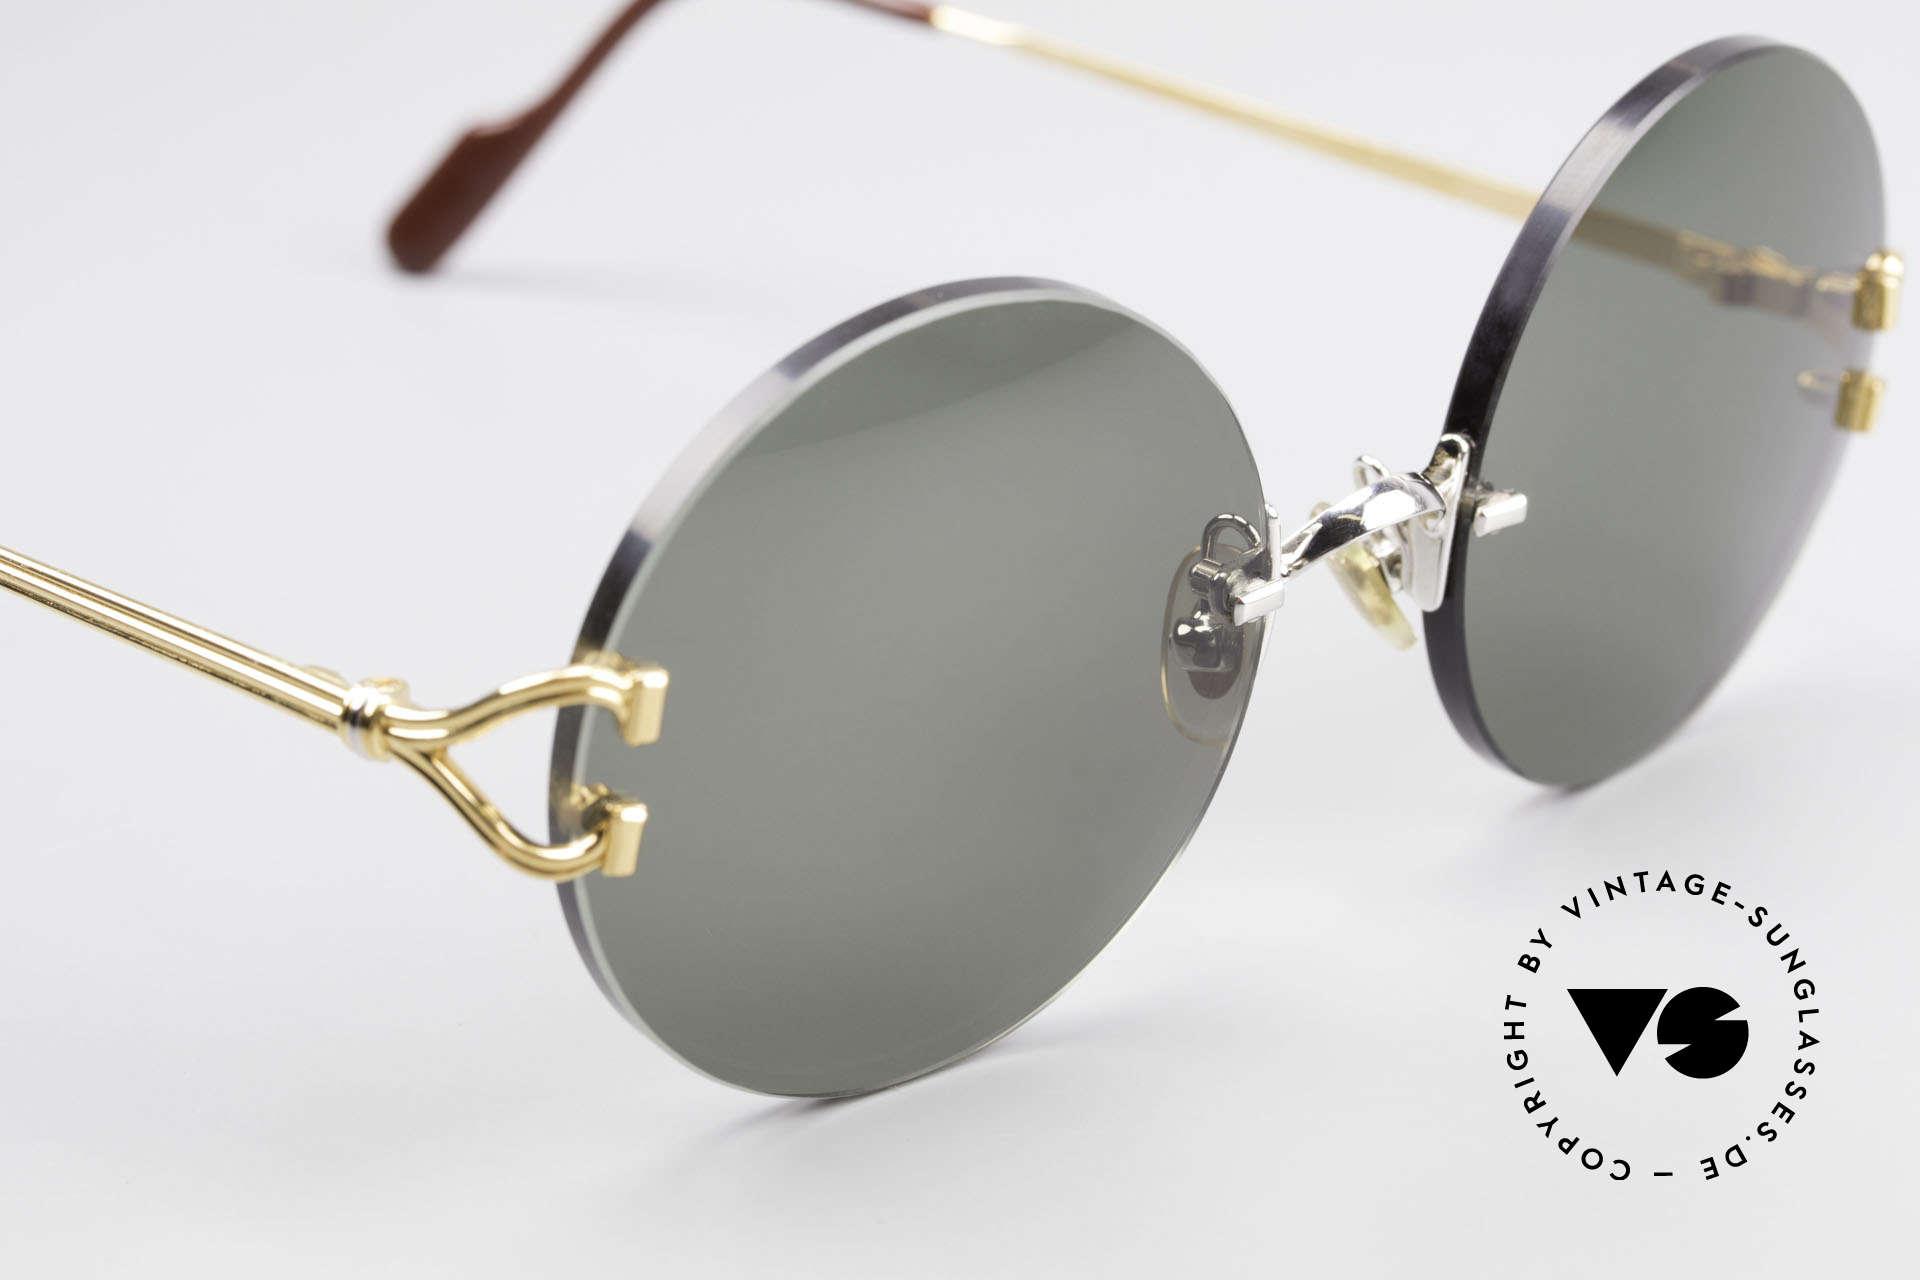 Cartier Madison Runde Customized Sonnenbrille, neue CR39 UV400 Gläser in einem grau-grün G15, Passend für Herren und Damen